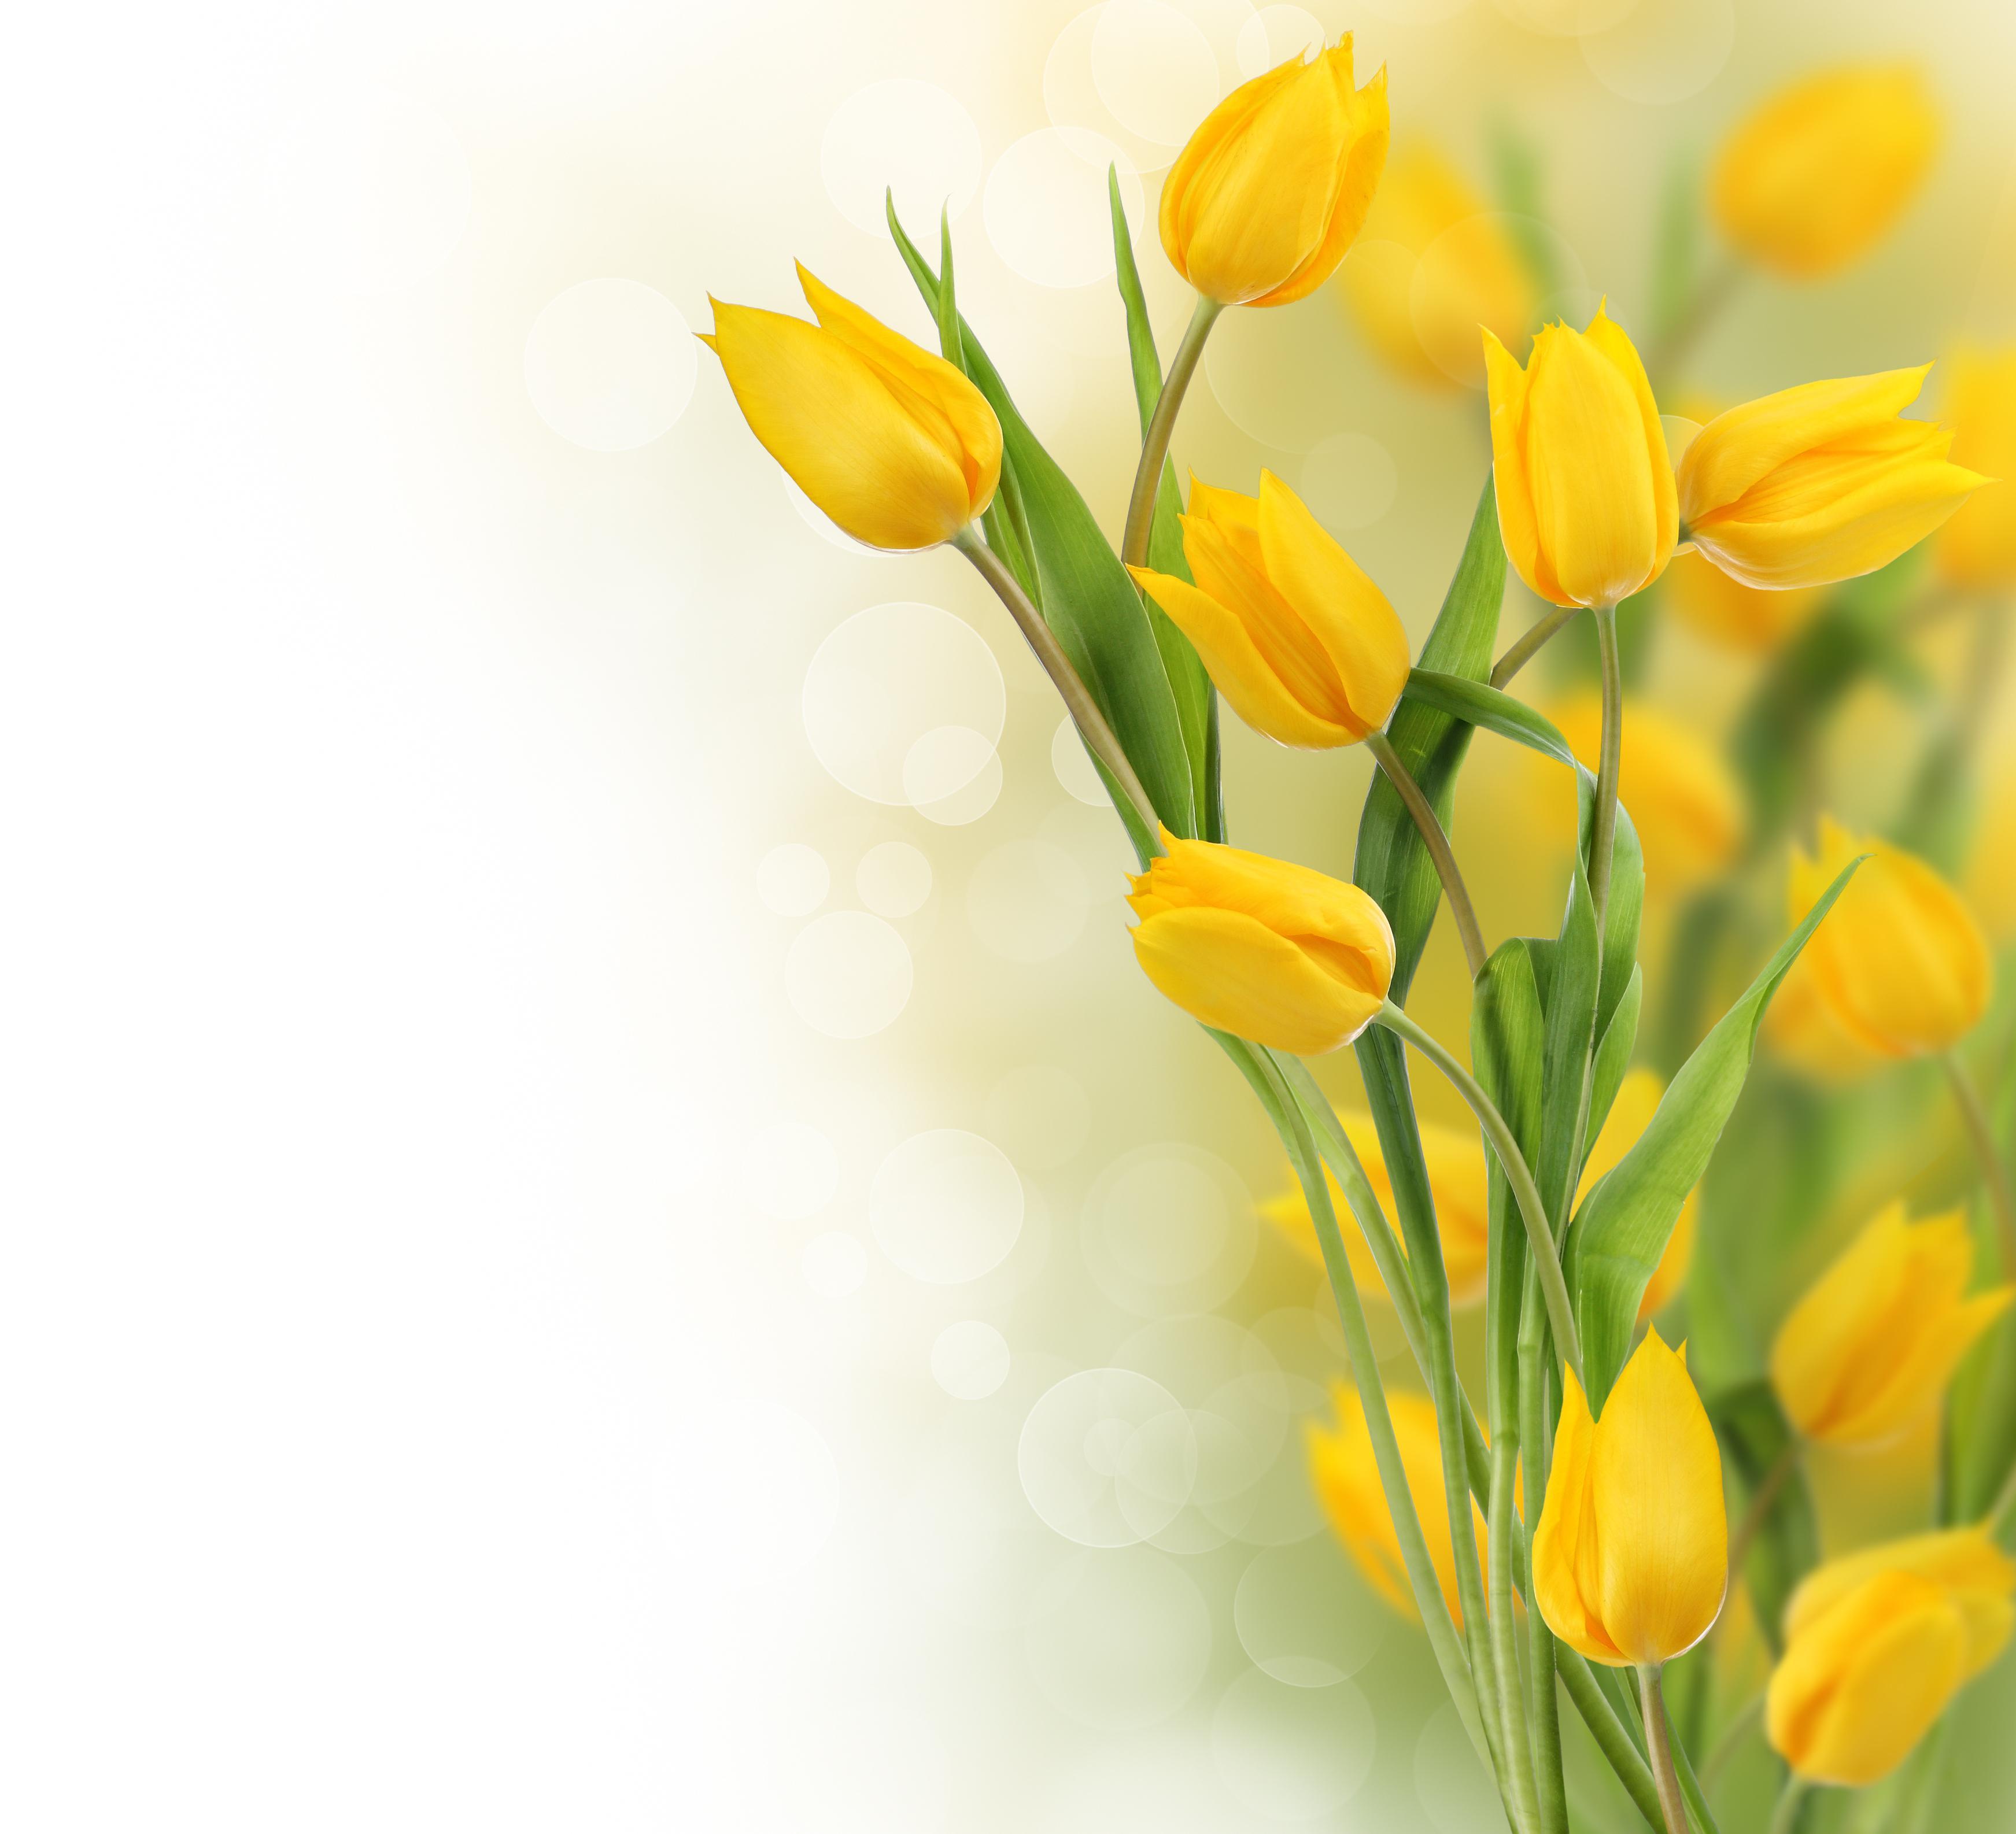 Yellow Tulips Wallpaper Desktop